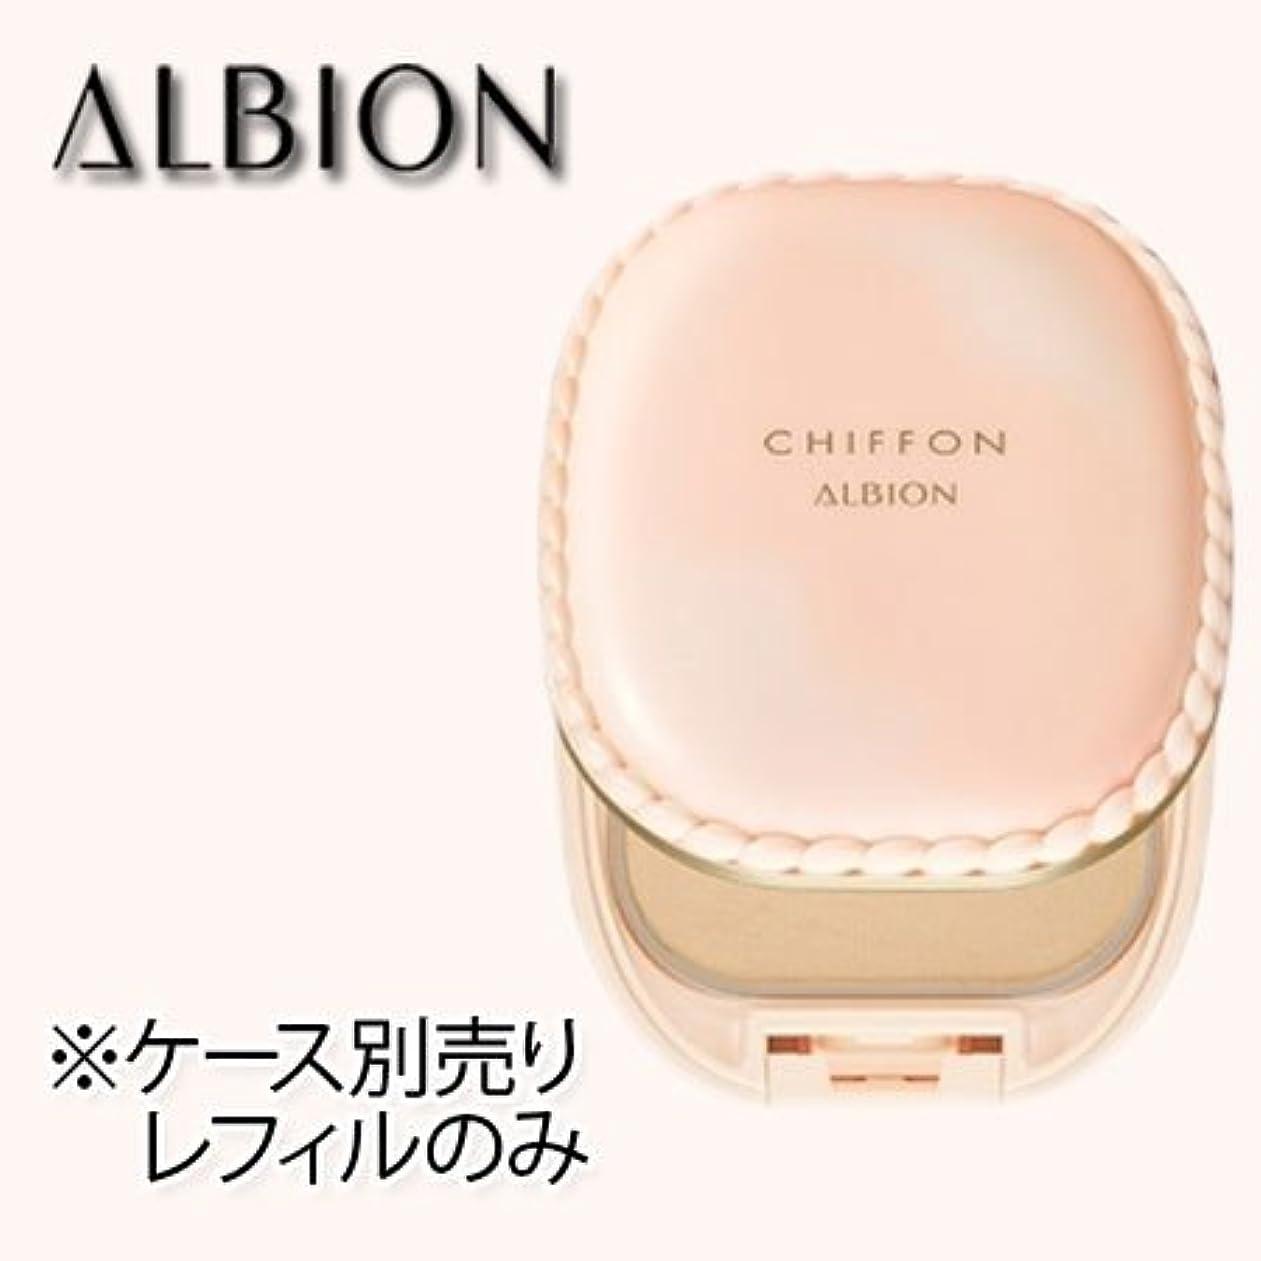 ファセットイディオム窒素アルビオン スウィート モイスチュア シフォン (レフィル) 10g 6色 SPF22 PA++-ALBION- 040